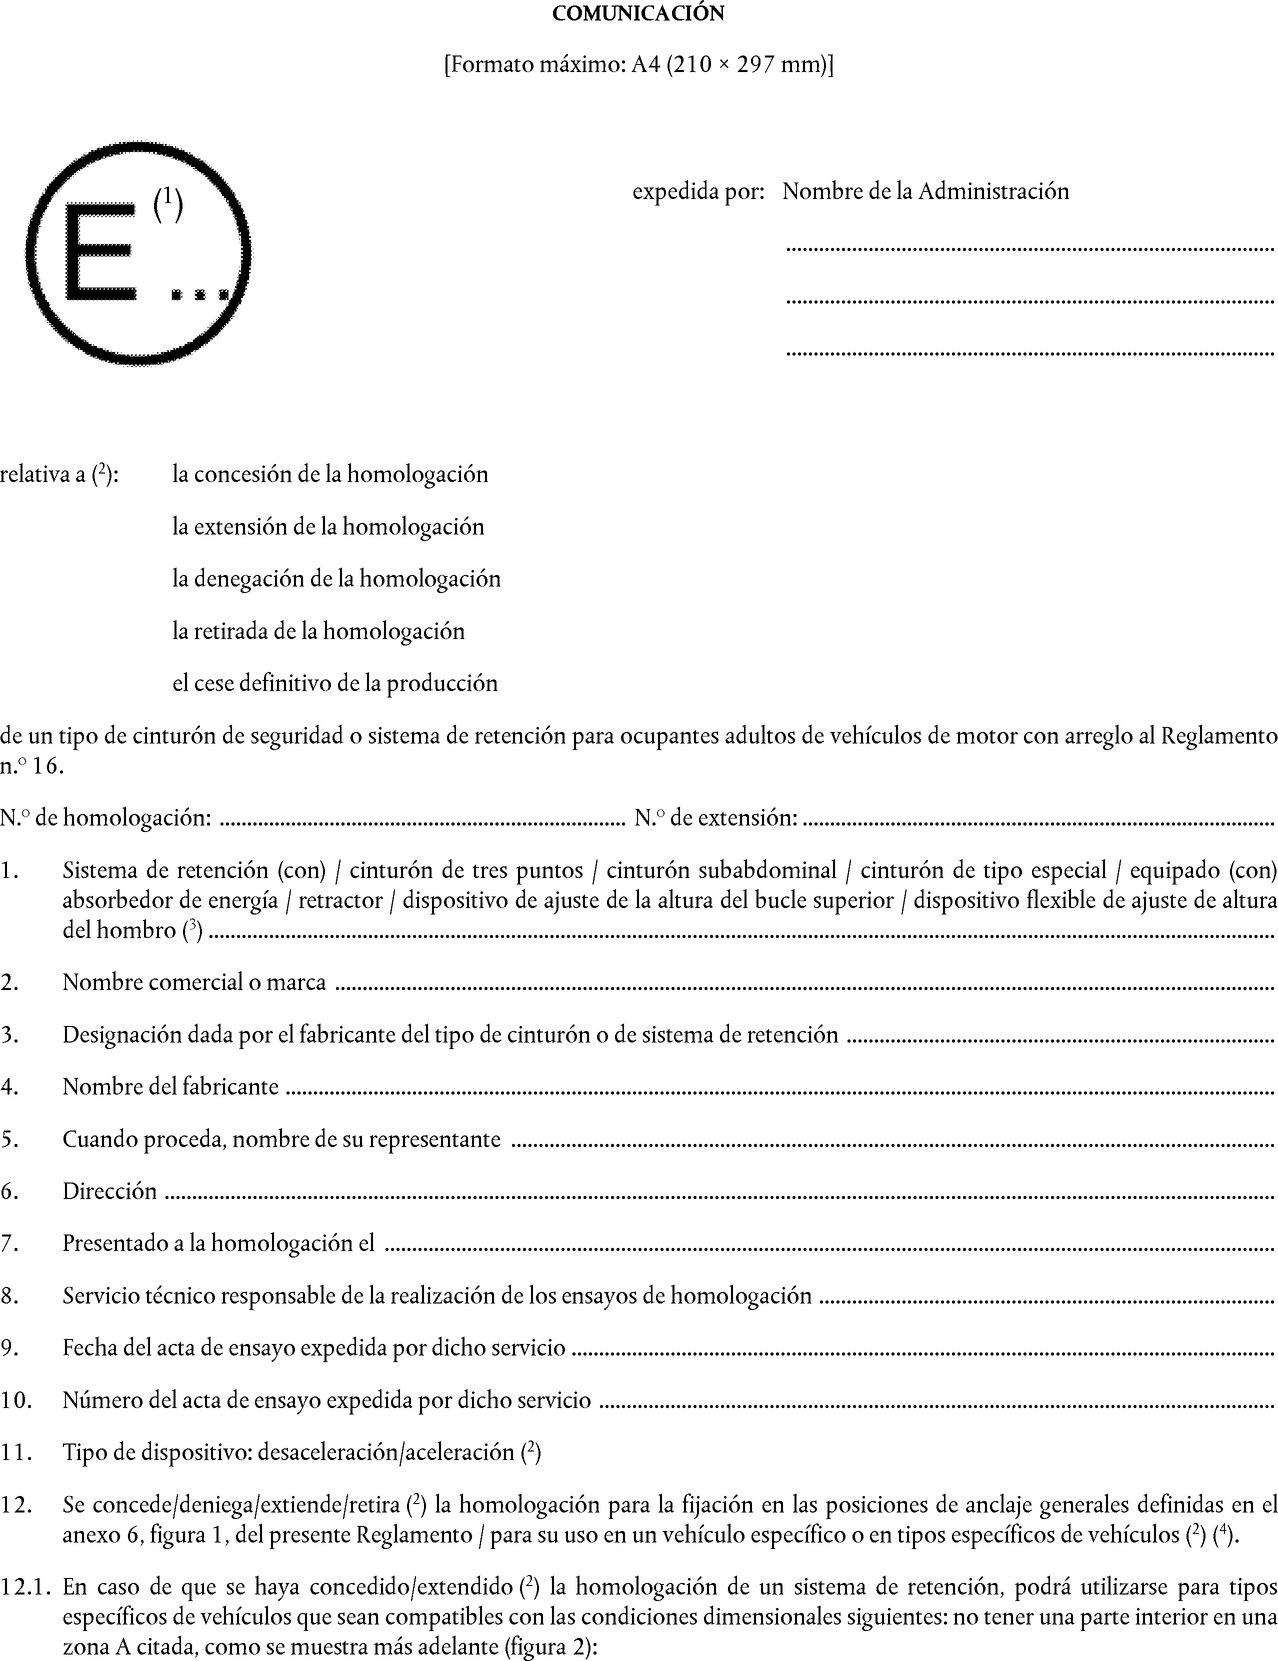 EUR-Lex - 42018X0629 - EN - EUR-Lex